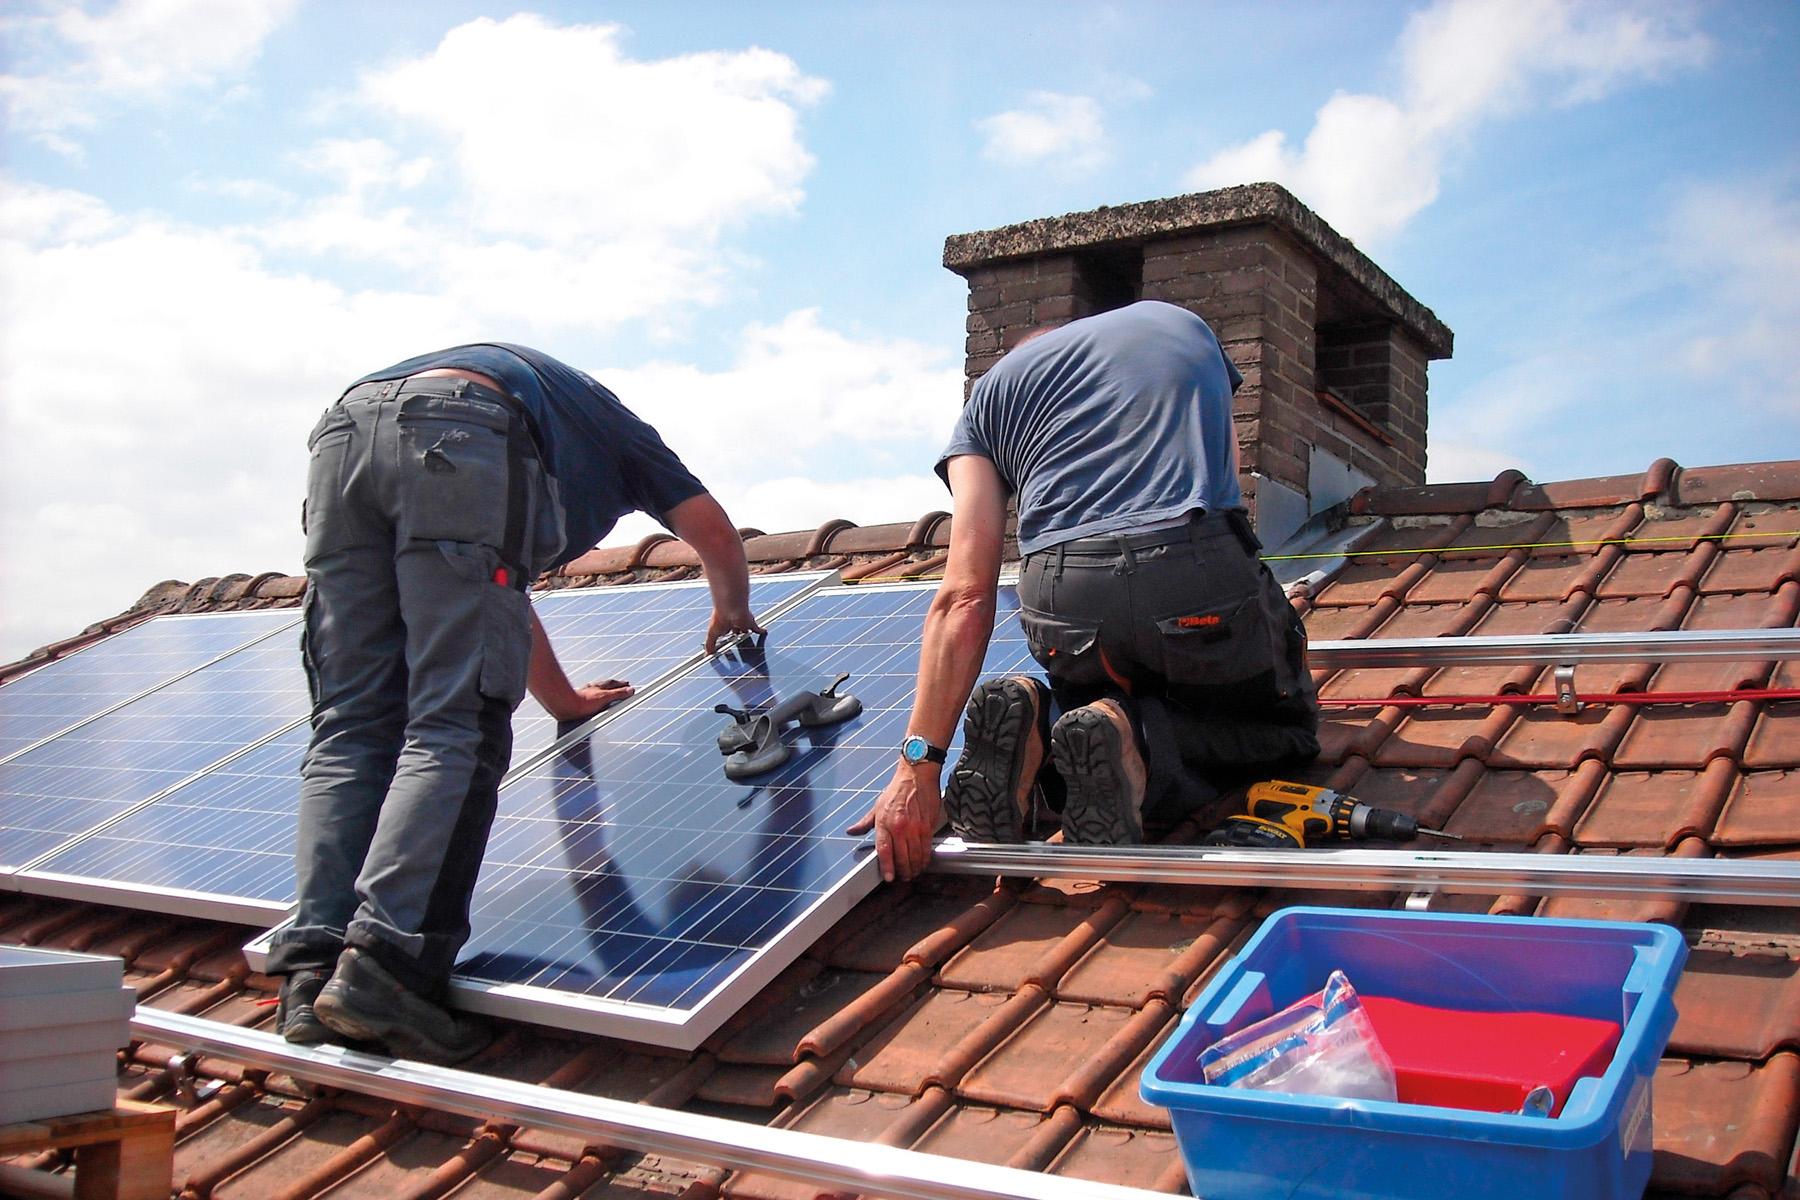 panne de panneaux photovoltaïques